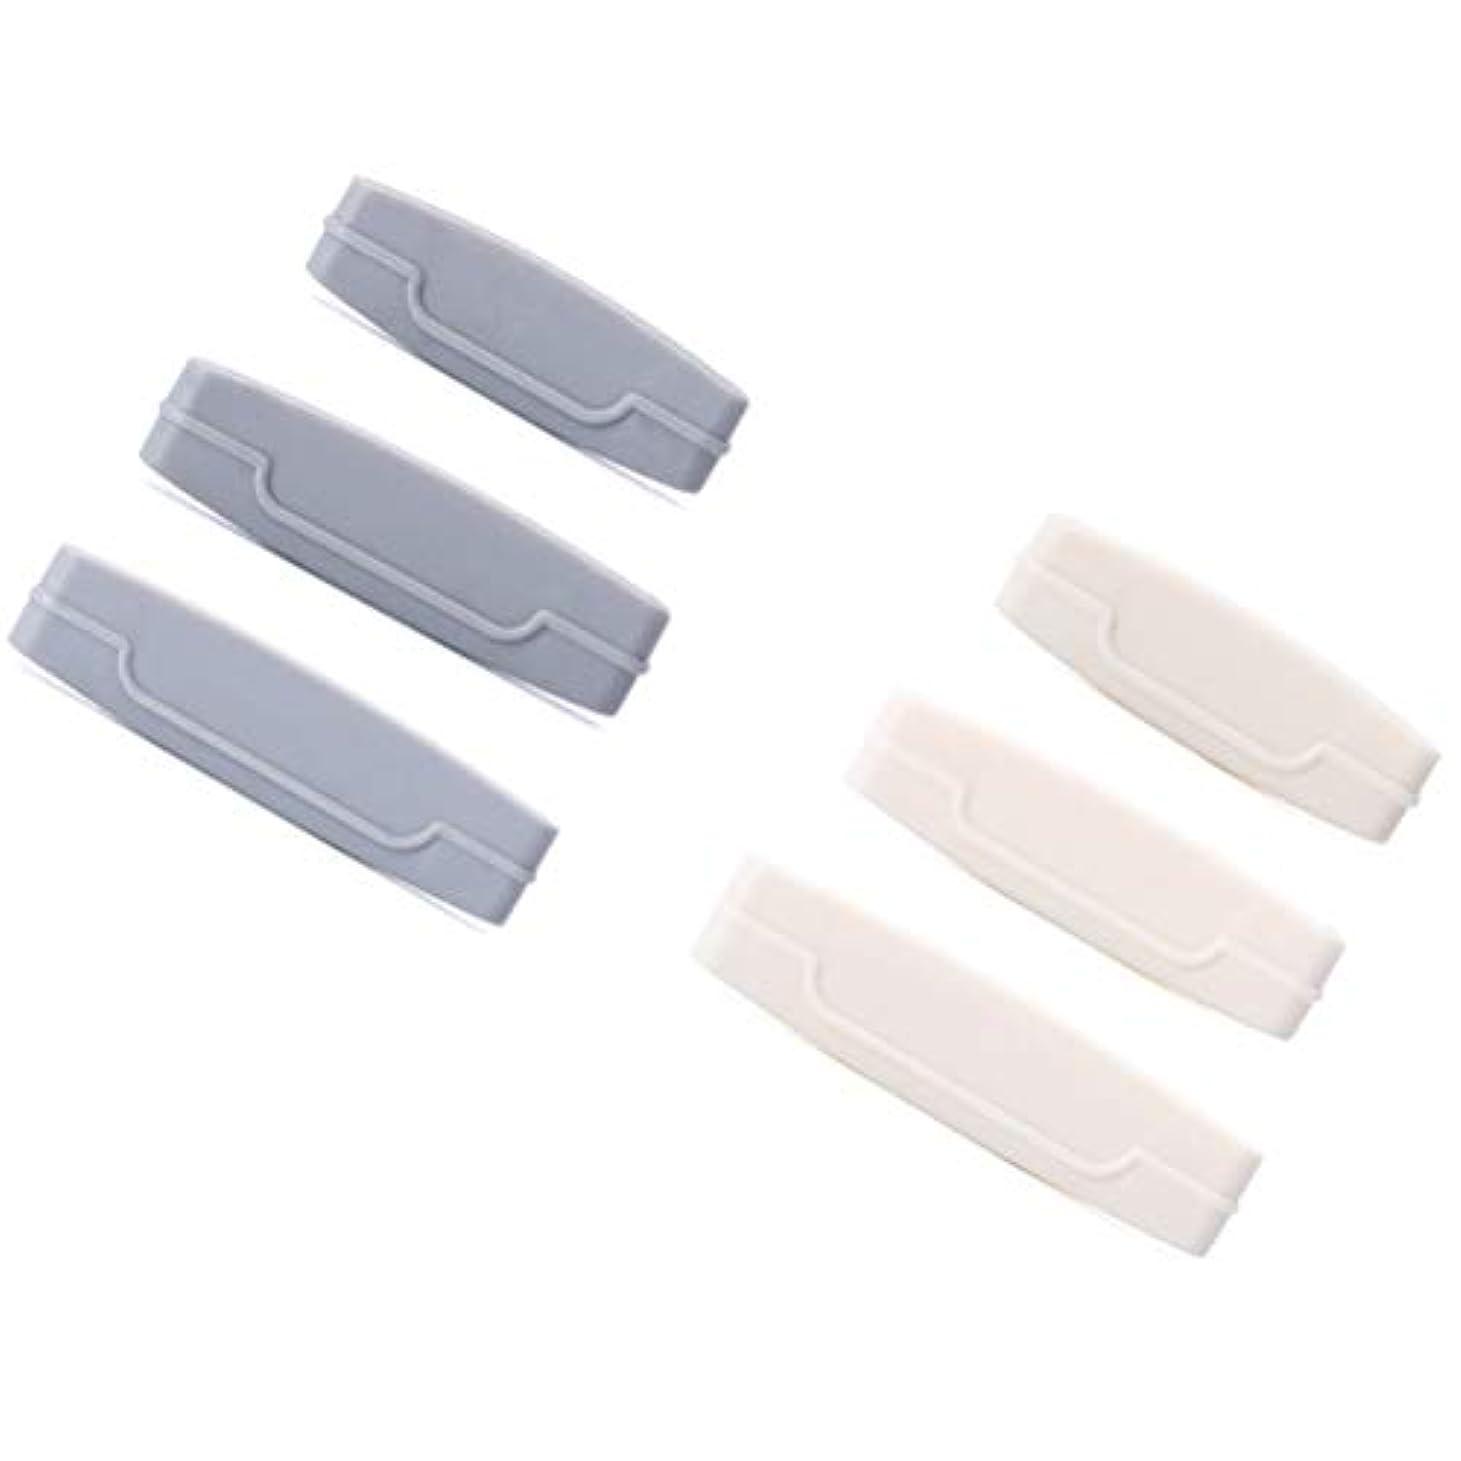 ファイターすごい受け取るTOPBATHY 6本入り歯磨き粉チューブスクイーズディスペンサー歯磨き粉ごみ減量用クレンザー用押出機クリップ(灰白)